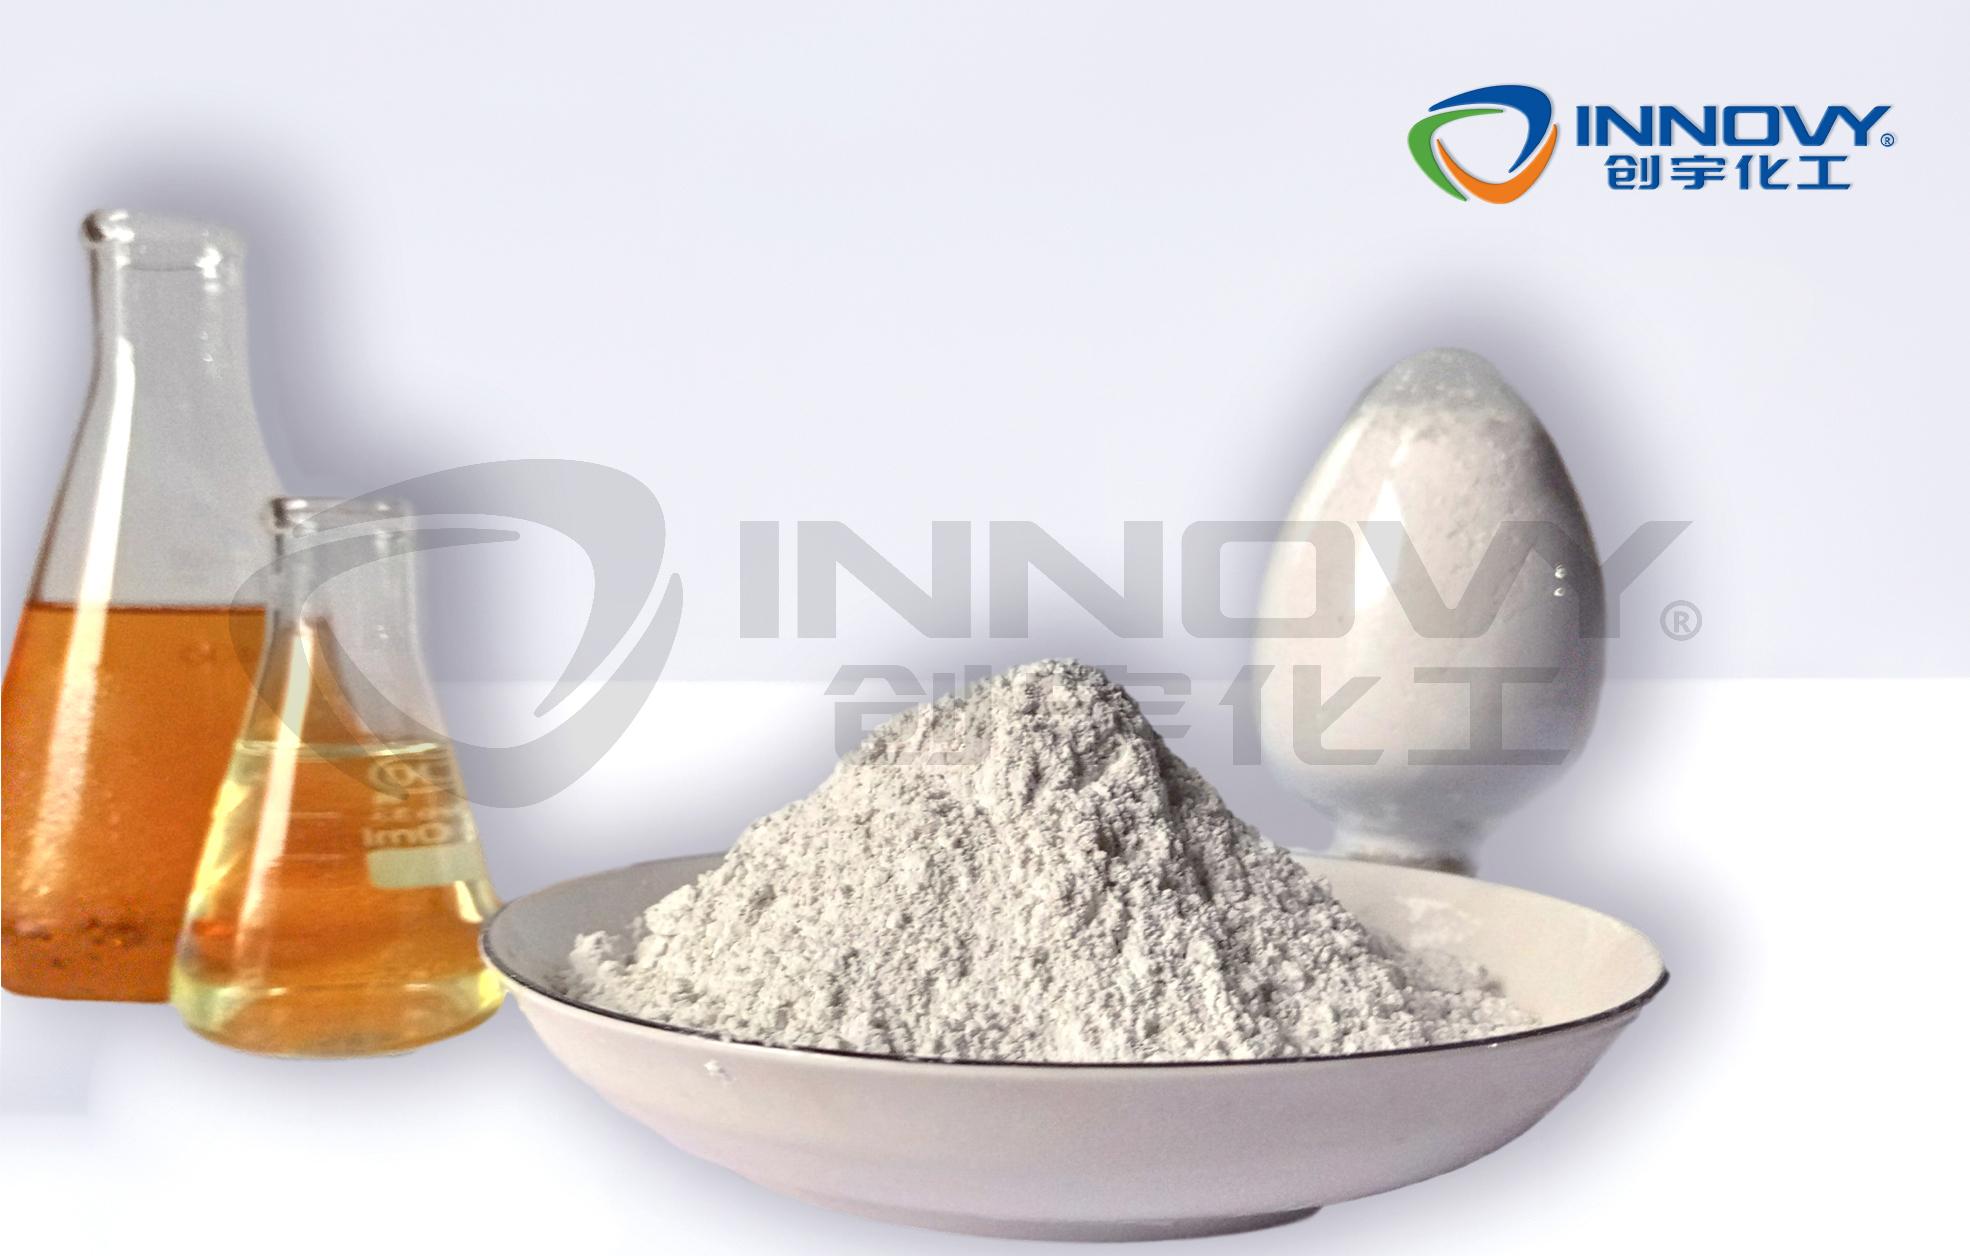 高级卷烟纸轻质碳酸钙(PCC)沉降体积控制技术